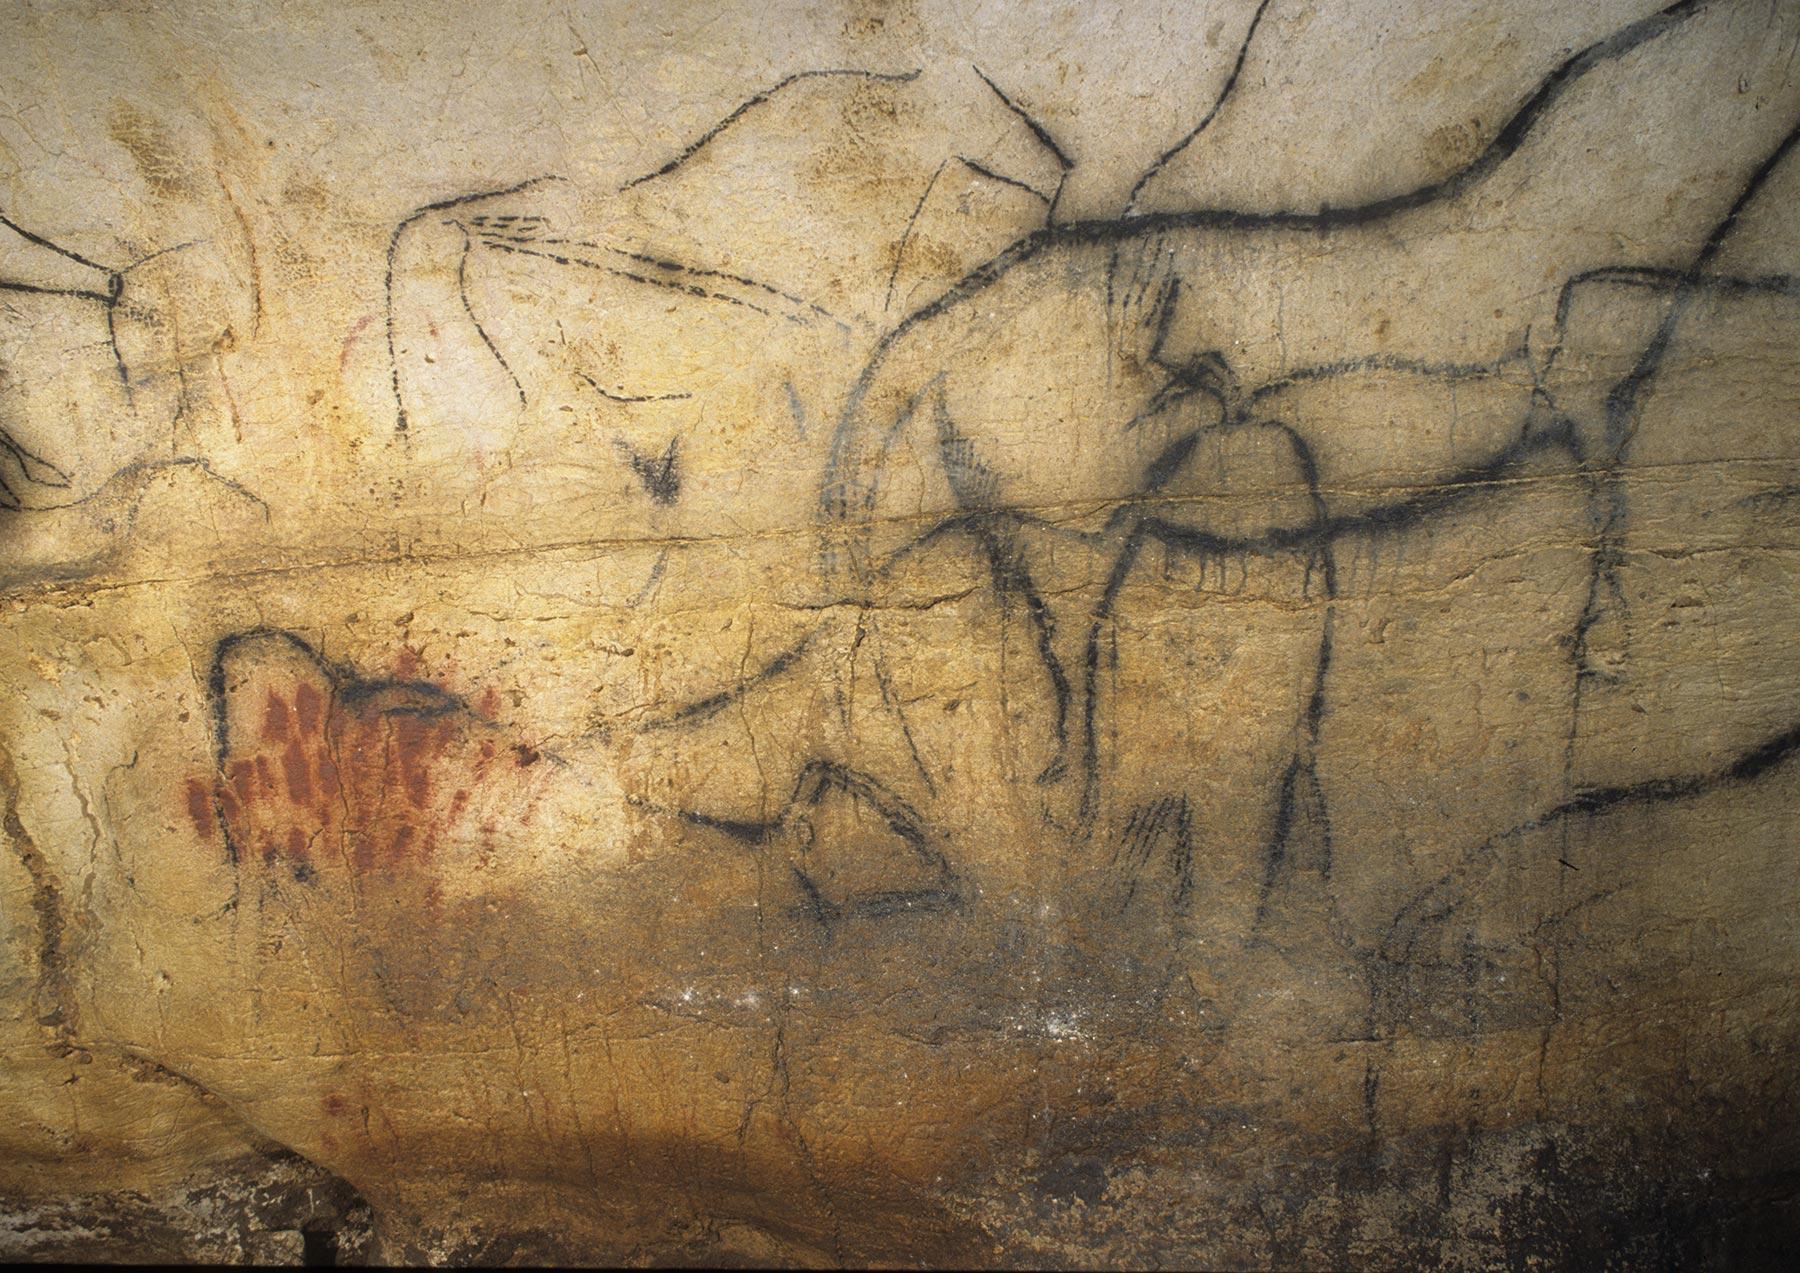 peintures-rupestres-murs-grotte-pechmerle-lot